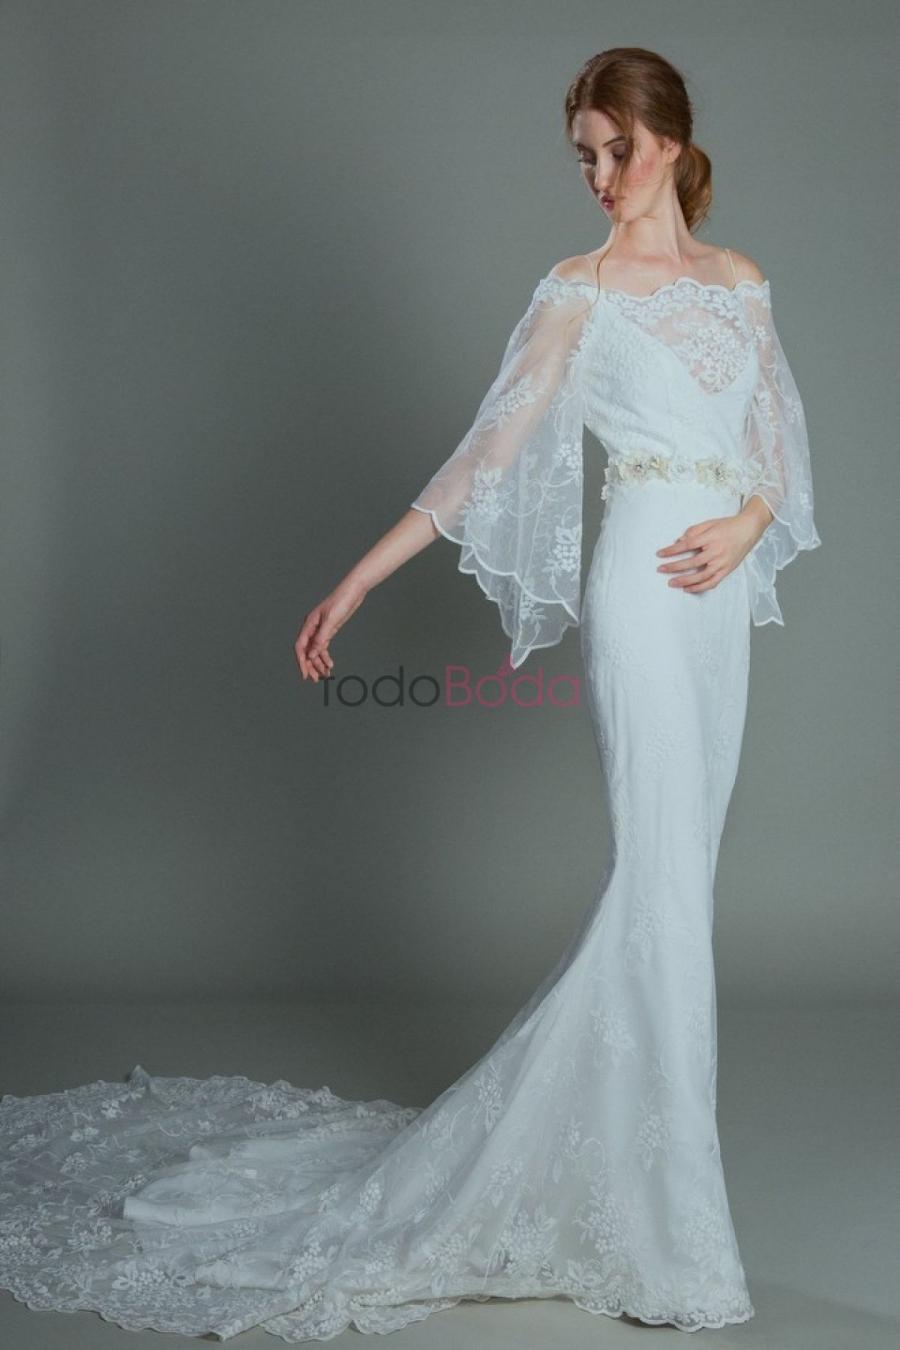 TodoBoda.com - Las 10 mejores tiendas de vestidos de novia en Sevilla